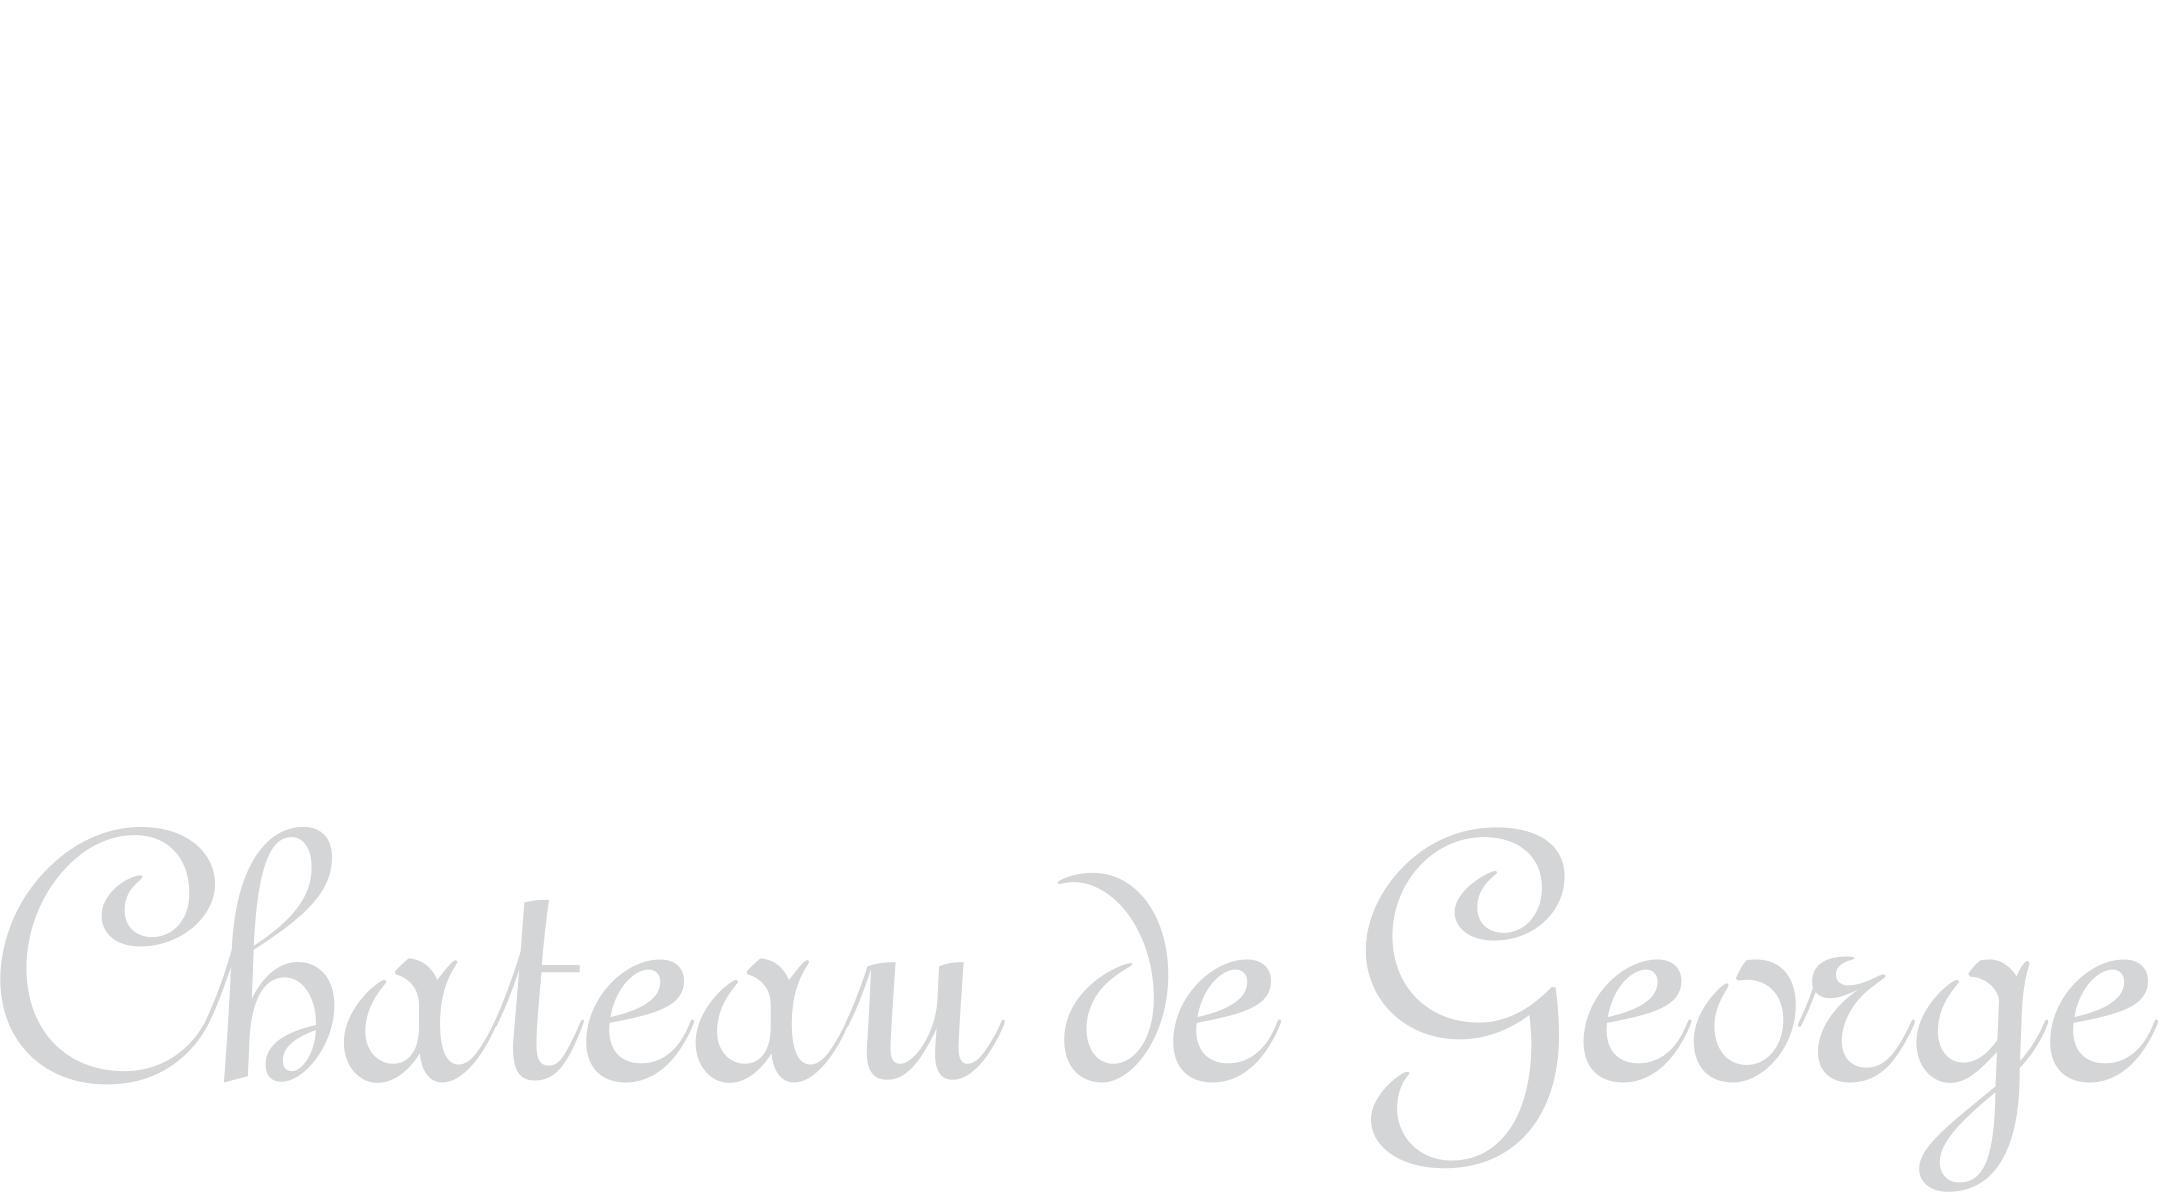 CHATEAU DE GEORGES